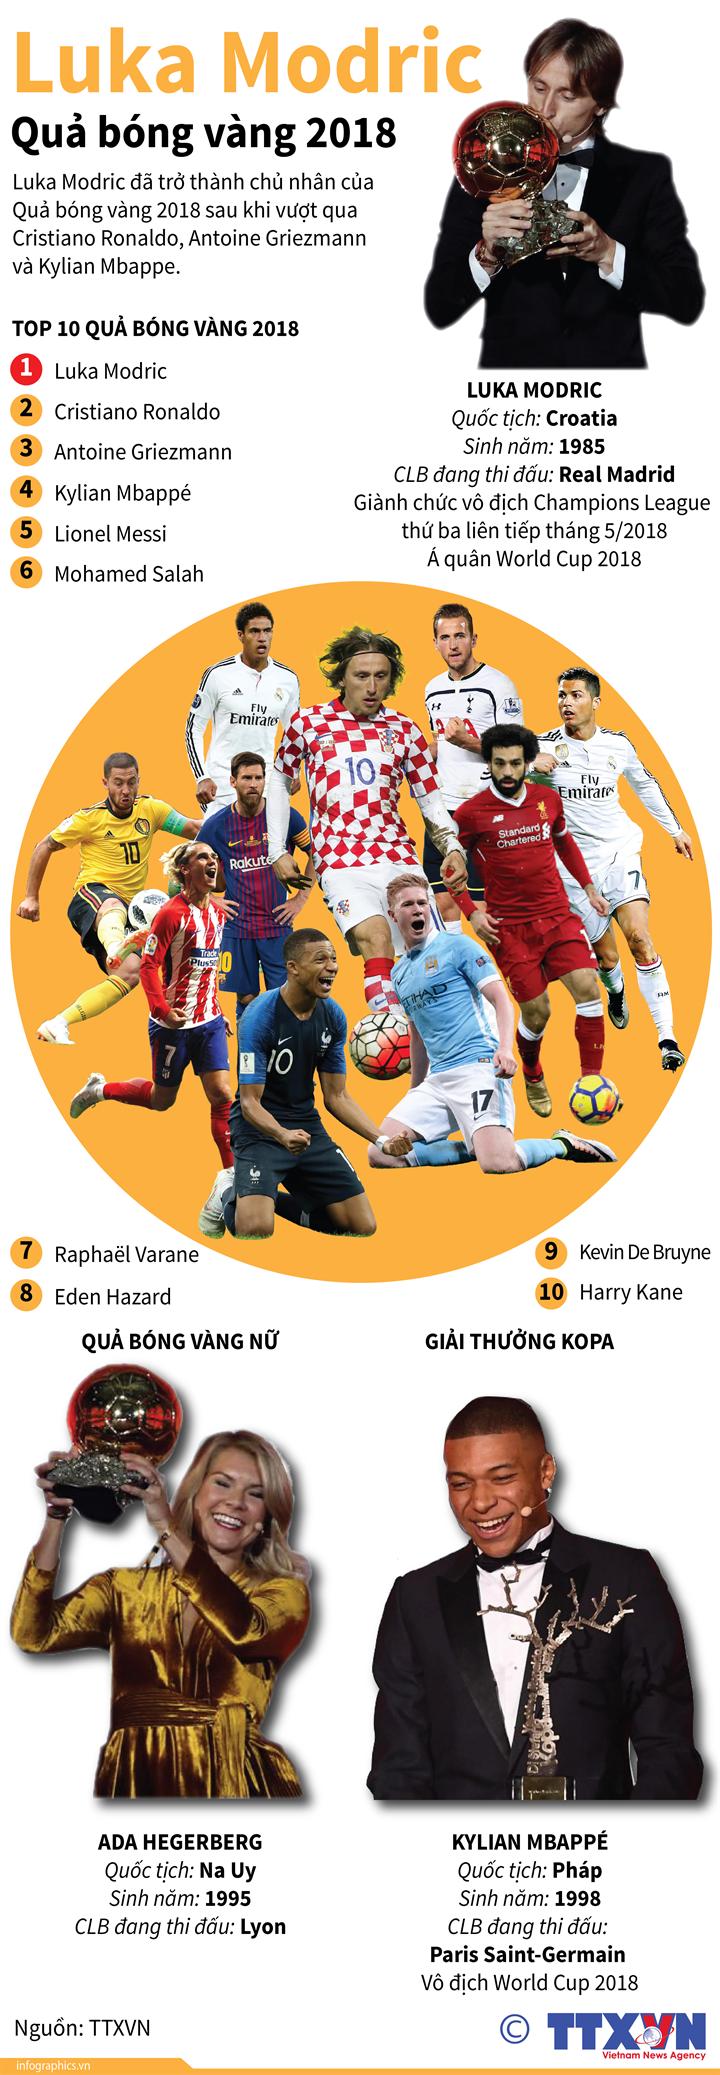 Luka Modric - Quả bóng vàng 2018